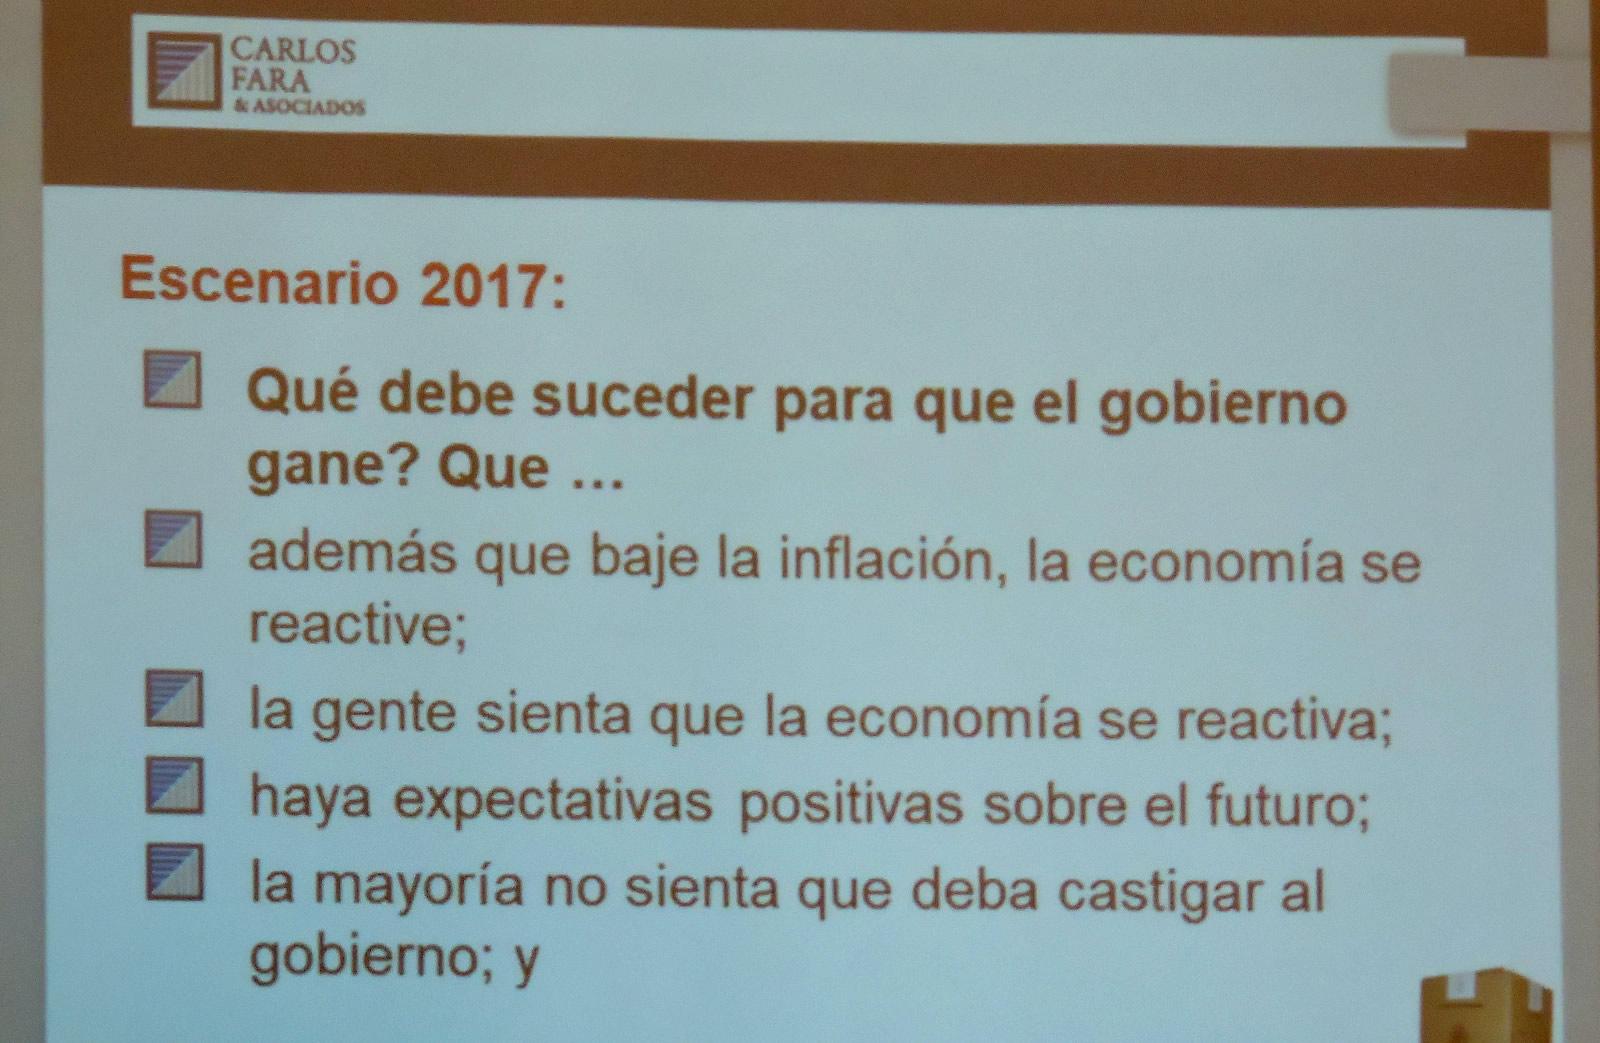 El escenario electoral Argentina 2017